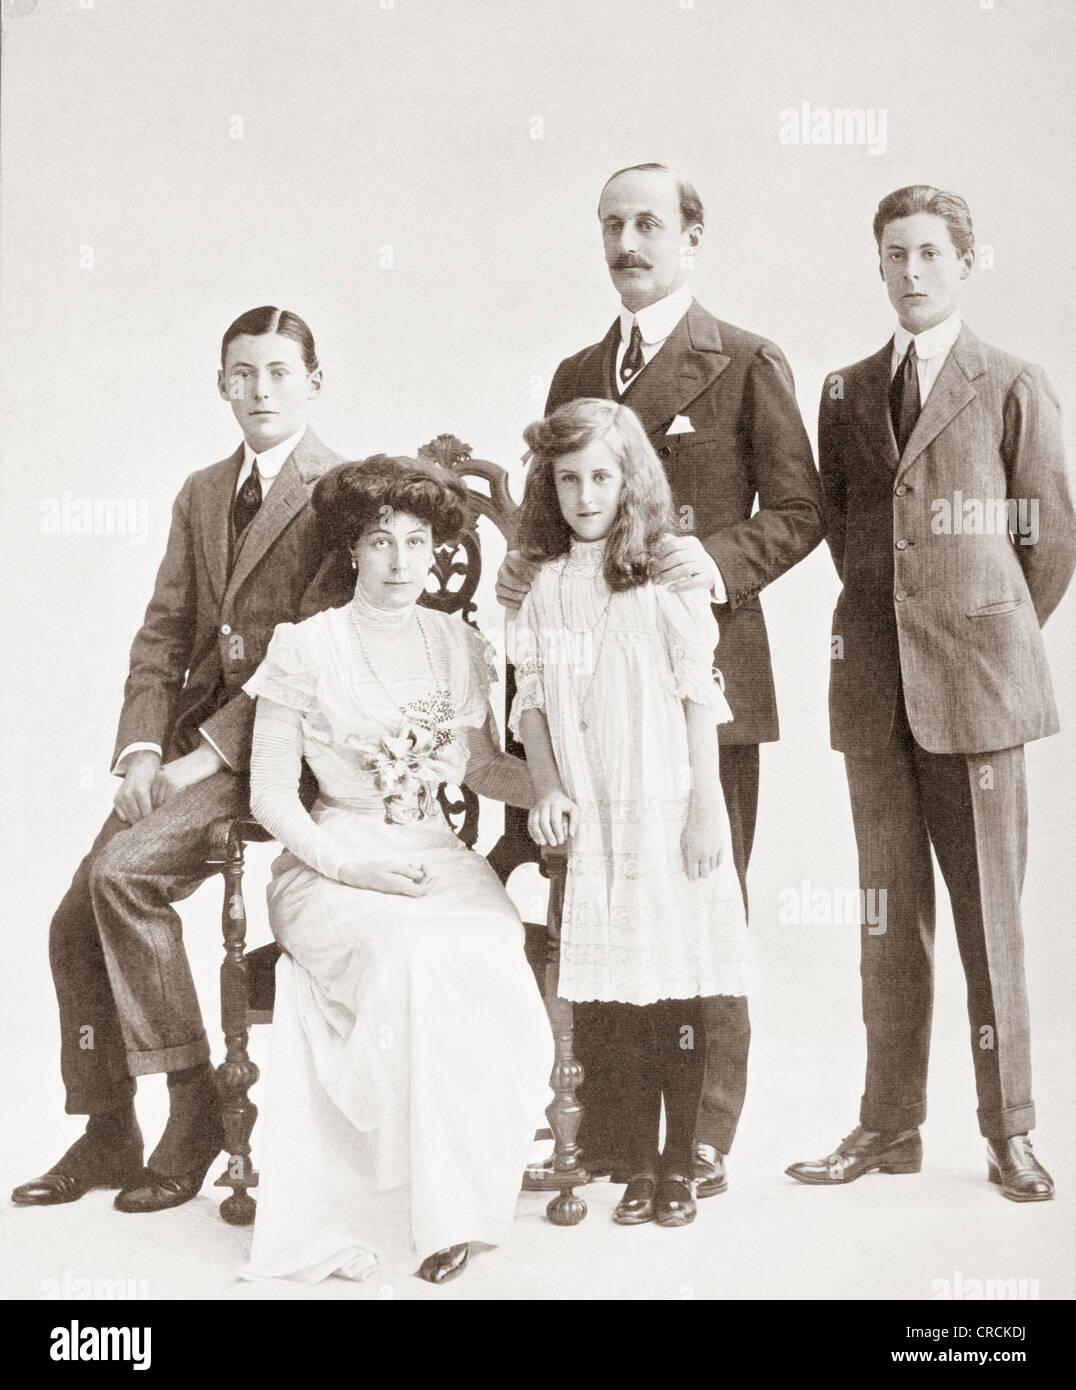 Charles Hardinge, 1st Baron Hardinge of Penshurst, 1858 – 1944. British diplomat, with wife and family. Stock Photo